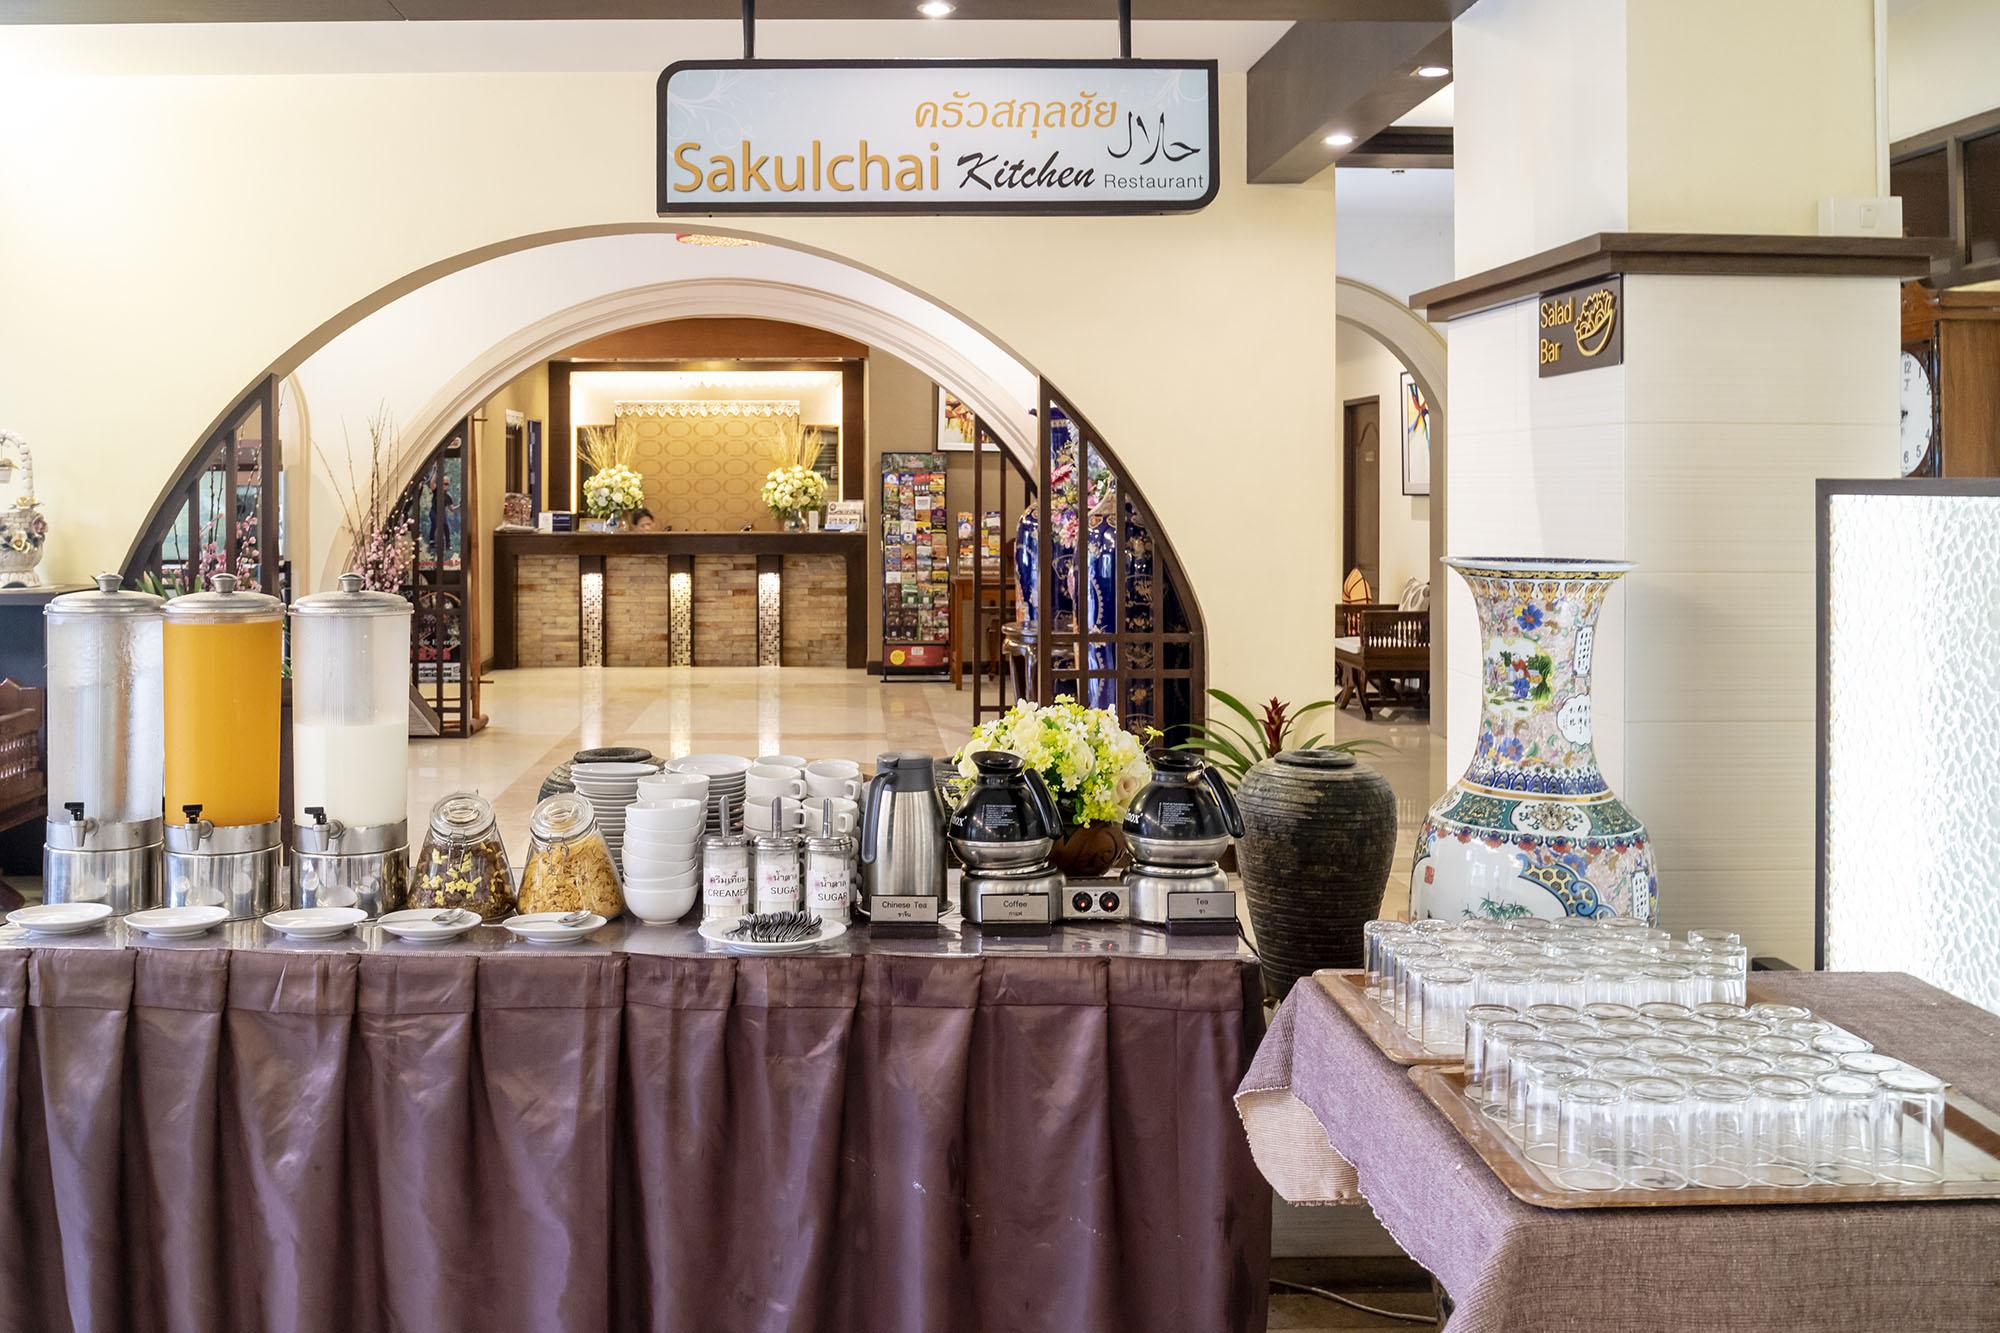 โรงแรมสกุลชัย เพลส โรงแรมฮาลาล เชียงใหม่  โรงแรมสกุลชัย เพลส เชียงใหม่ ห้องพักสะอาด ราคาหลักร้อย IMG 3520